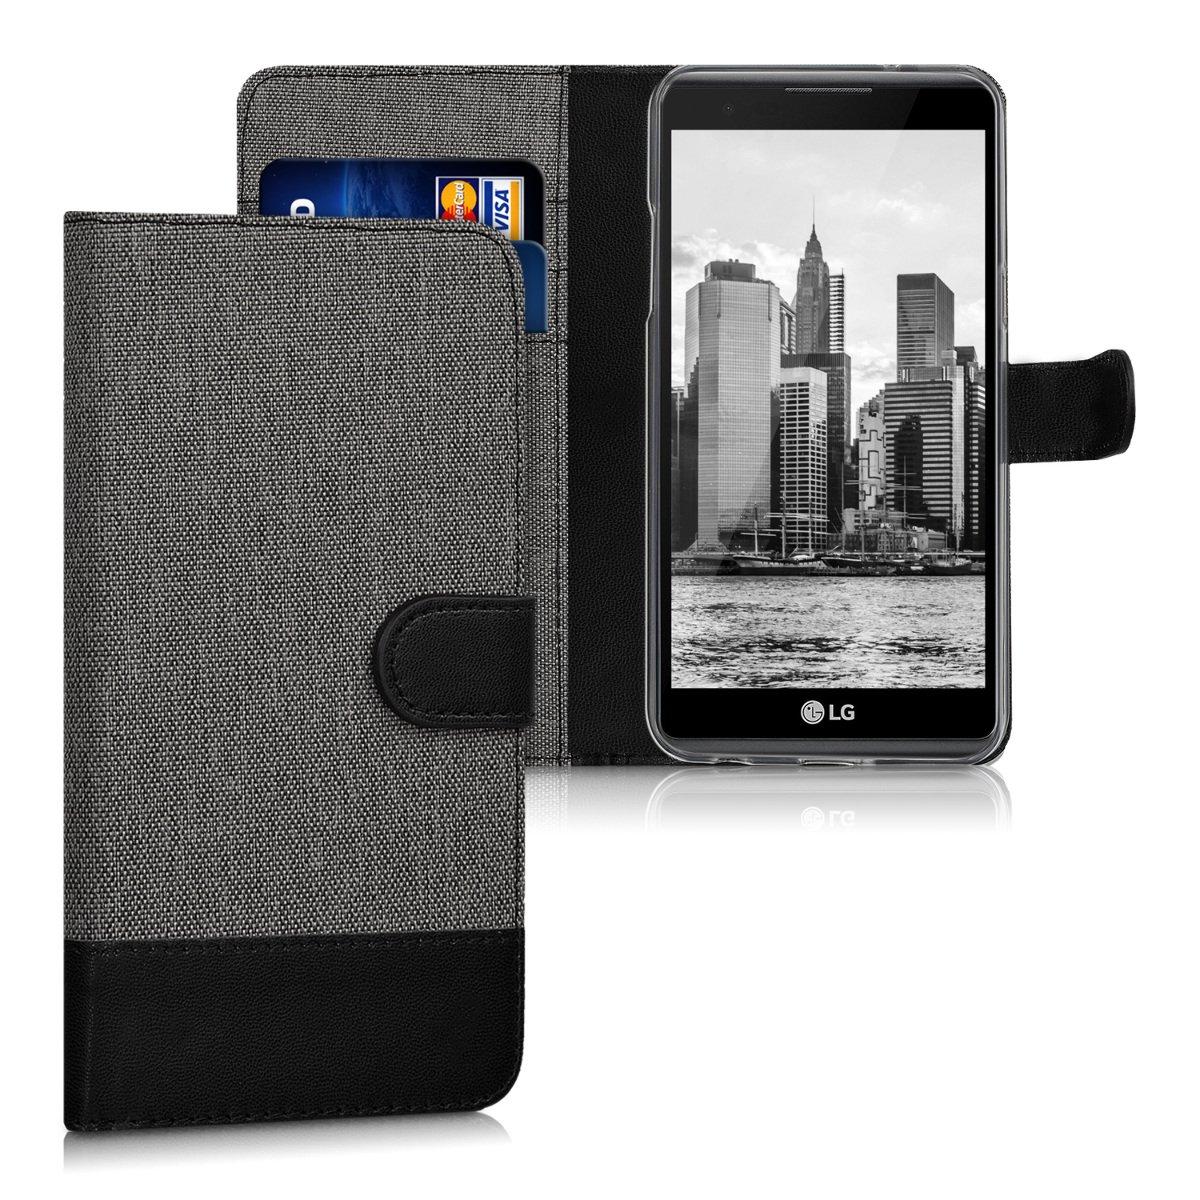 kwmobile Funda para LG X Power - Carcasa de Tela y [Cuero sintético] - con Tapa y [Tarjetero] [Gris/Negro]